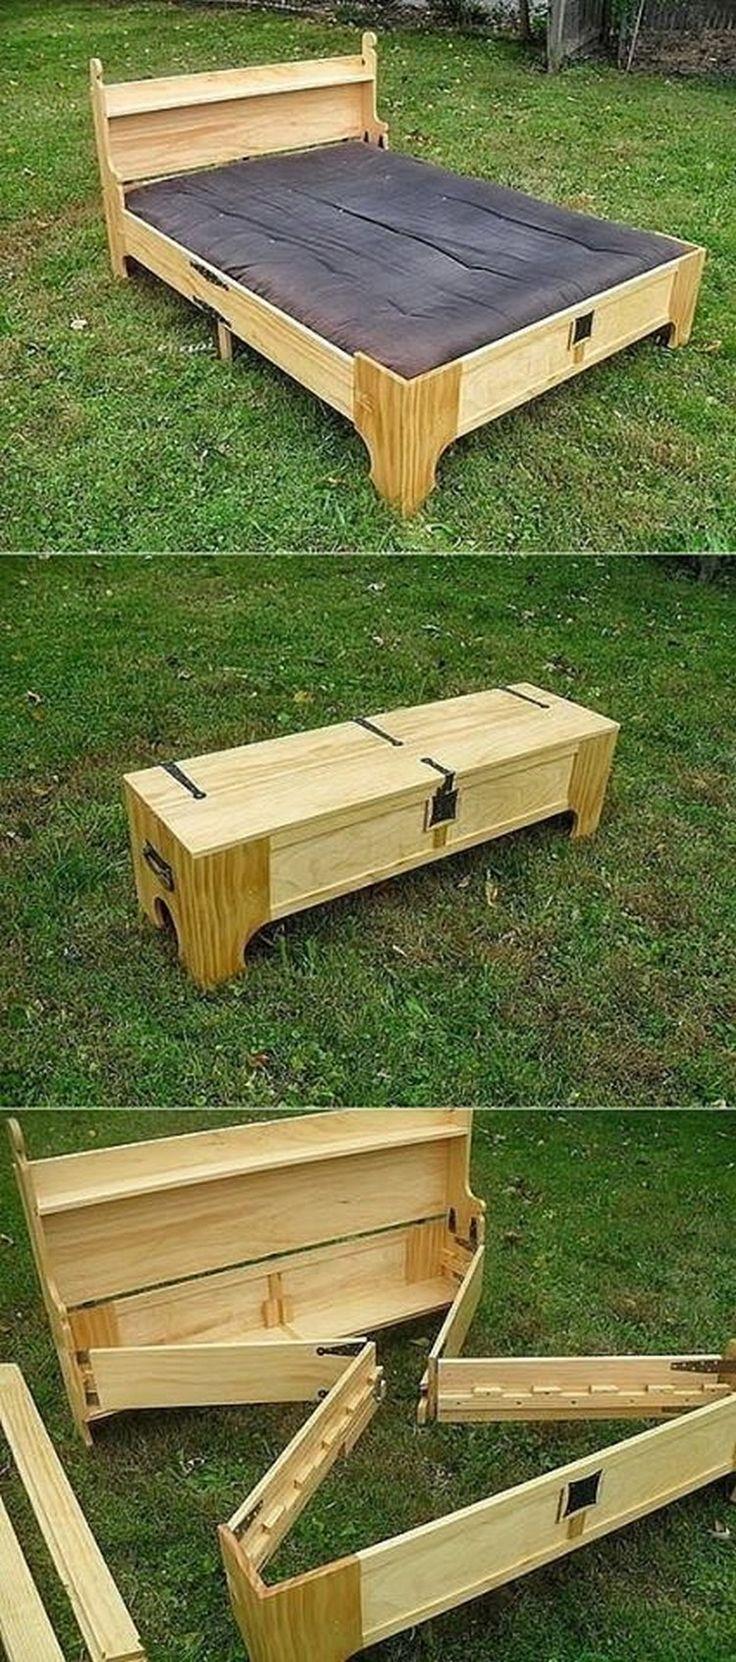 Einfachste, aber praktischste Recycling-Paletten-Ideen, die sich jeder leisten kann